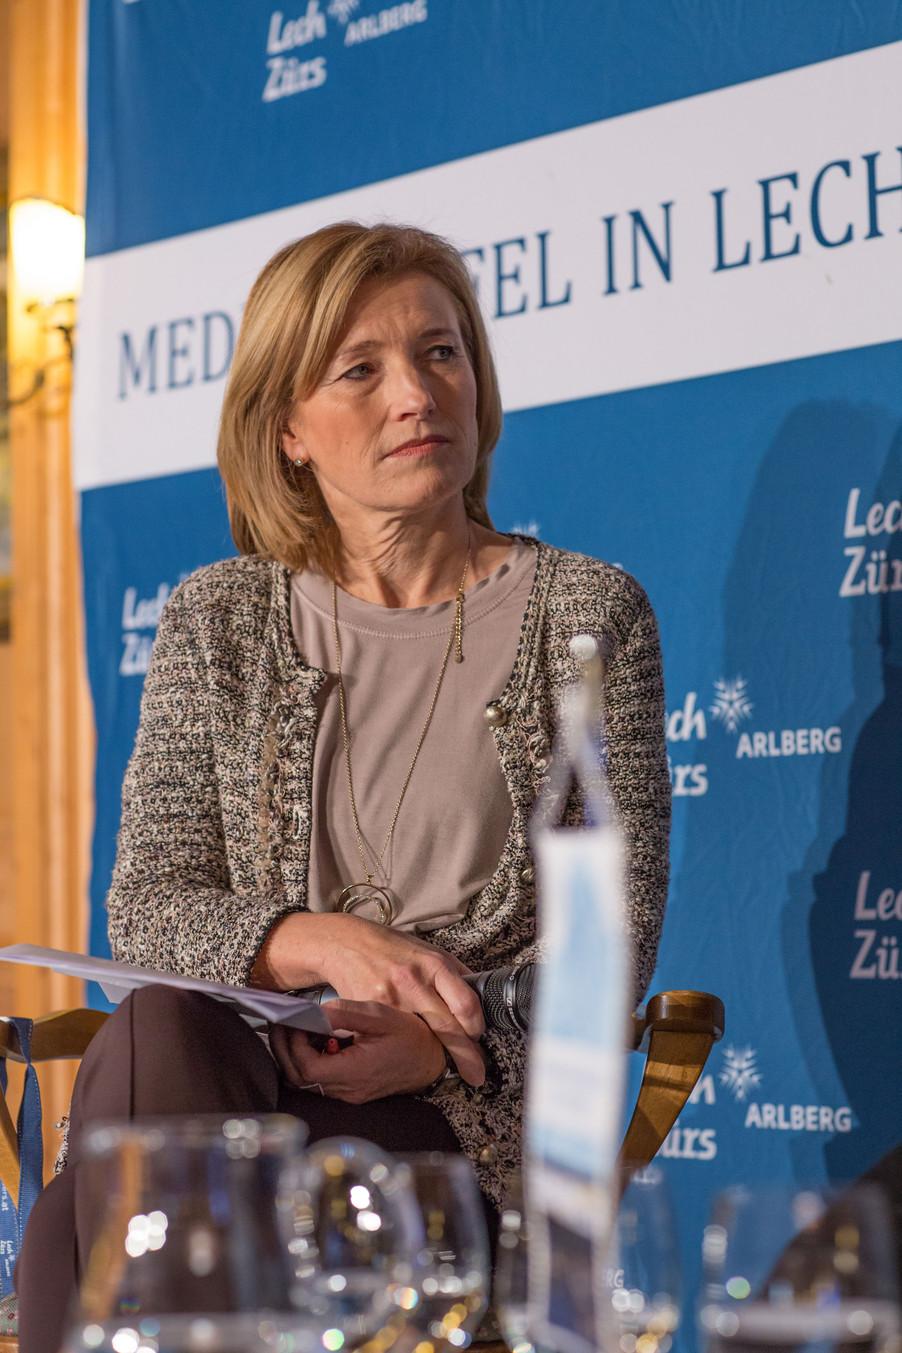 Bild 17   Pressestunde mit Finanzminister Schelling im Rahmen des Euroäischen Mediengipfels Lech am Arlberg